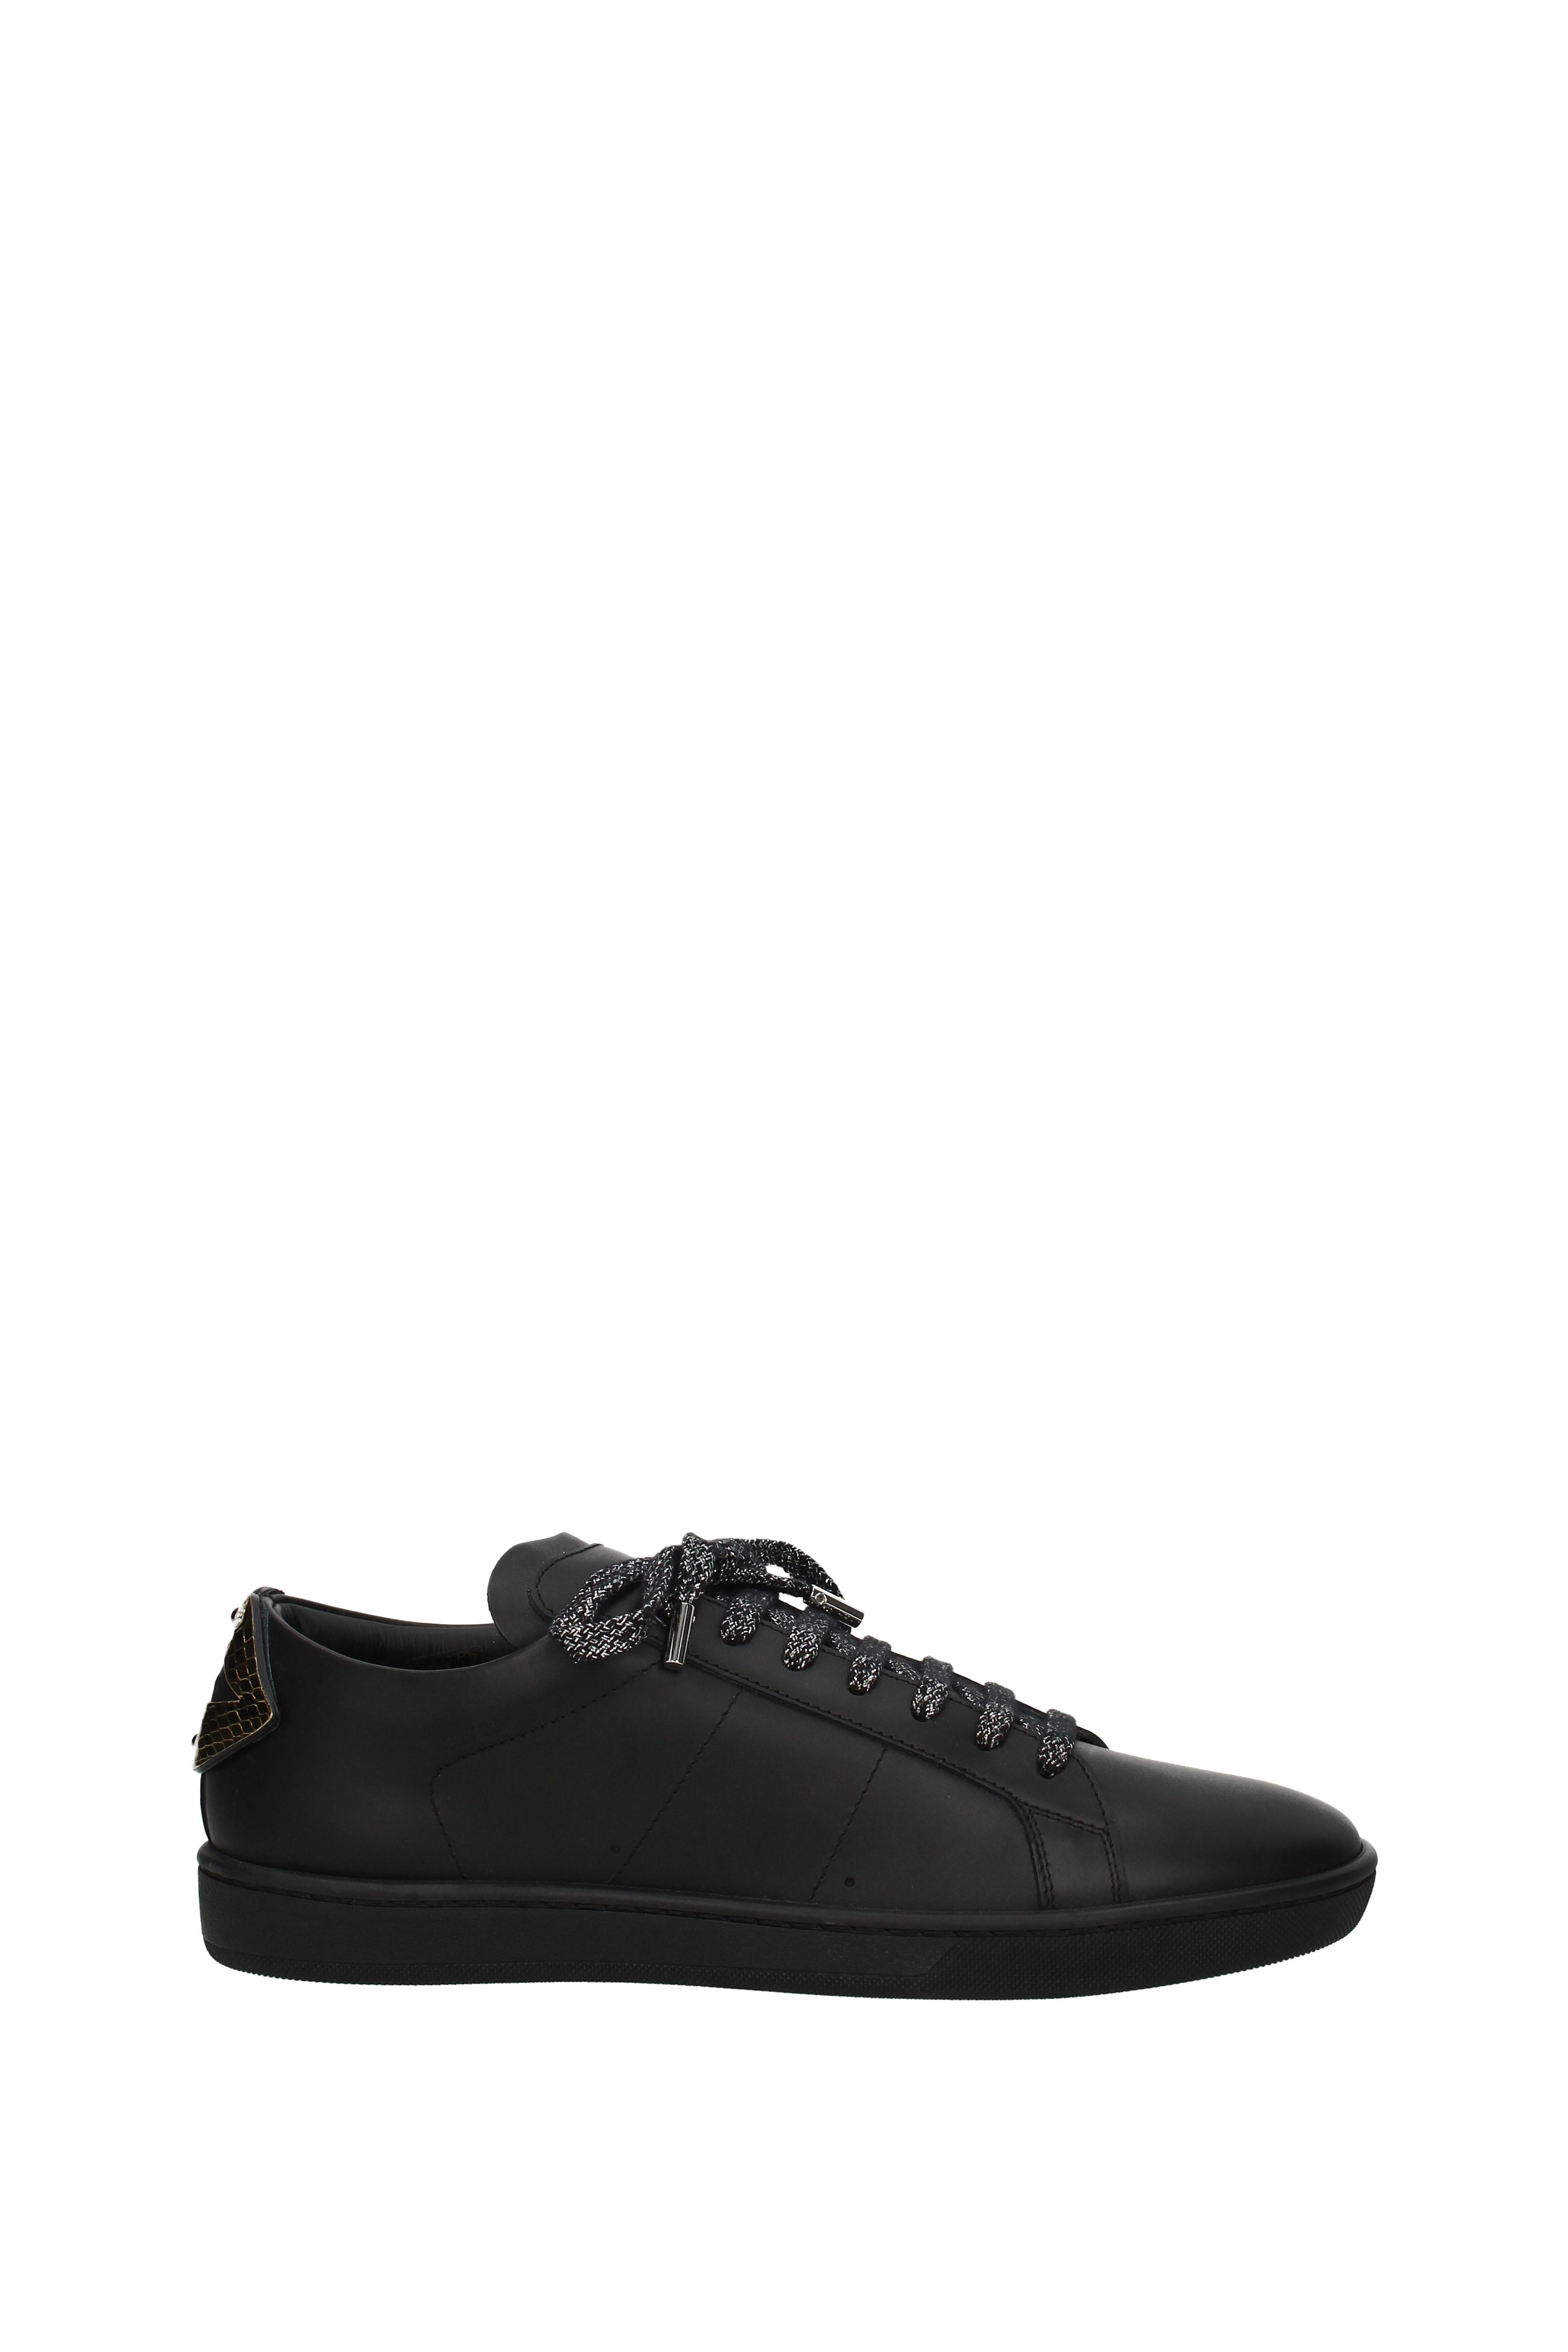 Sneakers Saint Saint Saint Laurent hombre - Pelle (485275EXV60) eabc06